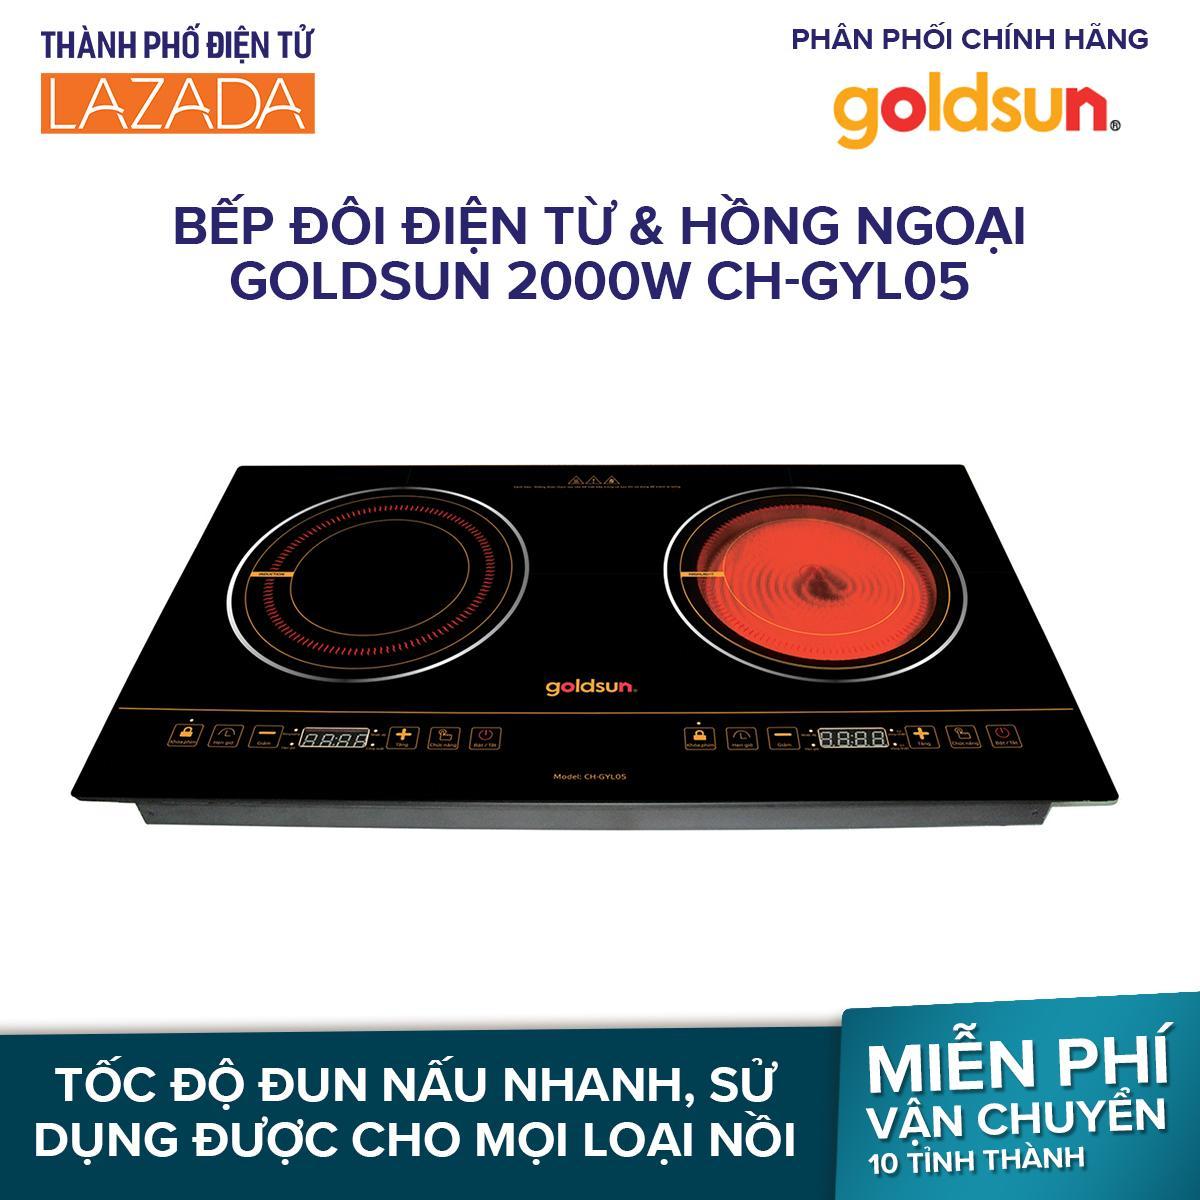 Giá Bếp đôi điện từ & hồng ngoại Goldsun 2000W CH-GYL05 - Không kén nồi, tùy chỉnh nhiều mức độ nấu  - Hãng phân phối chính thức